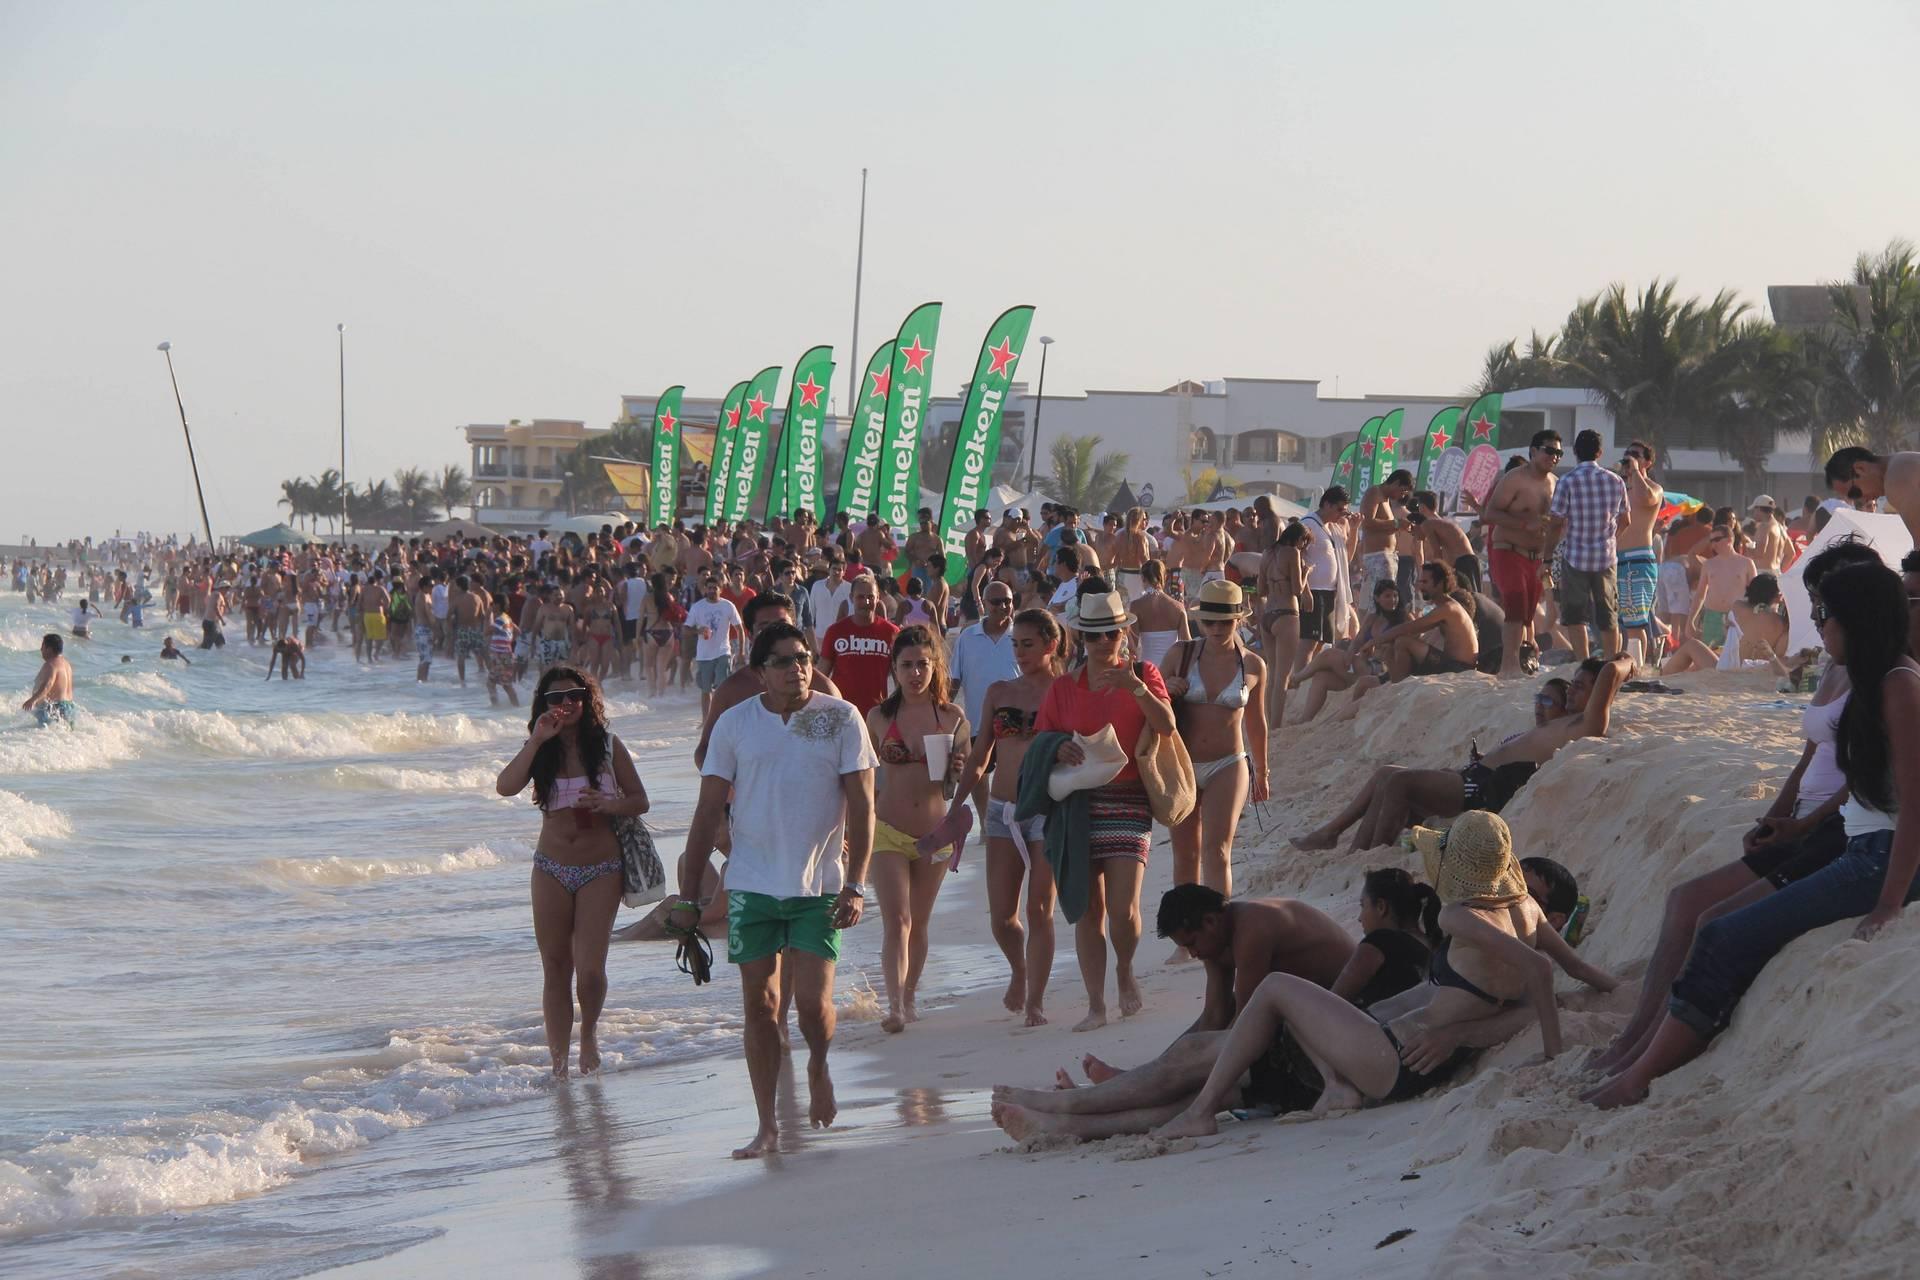 Wielkanoc w Meksyku, tłumy w Playa del Carmen